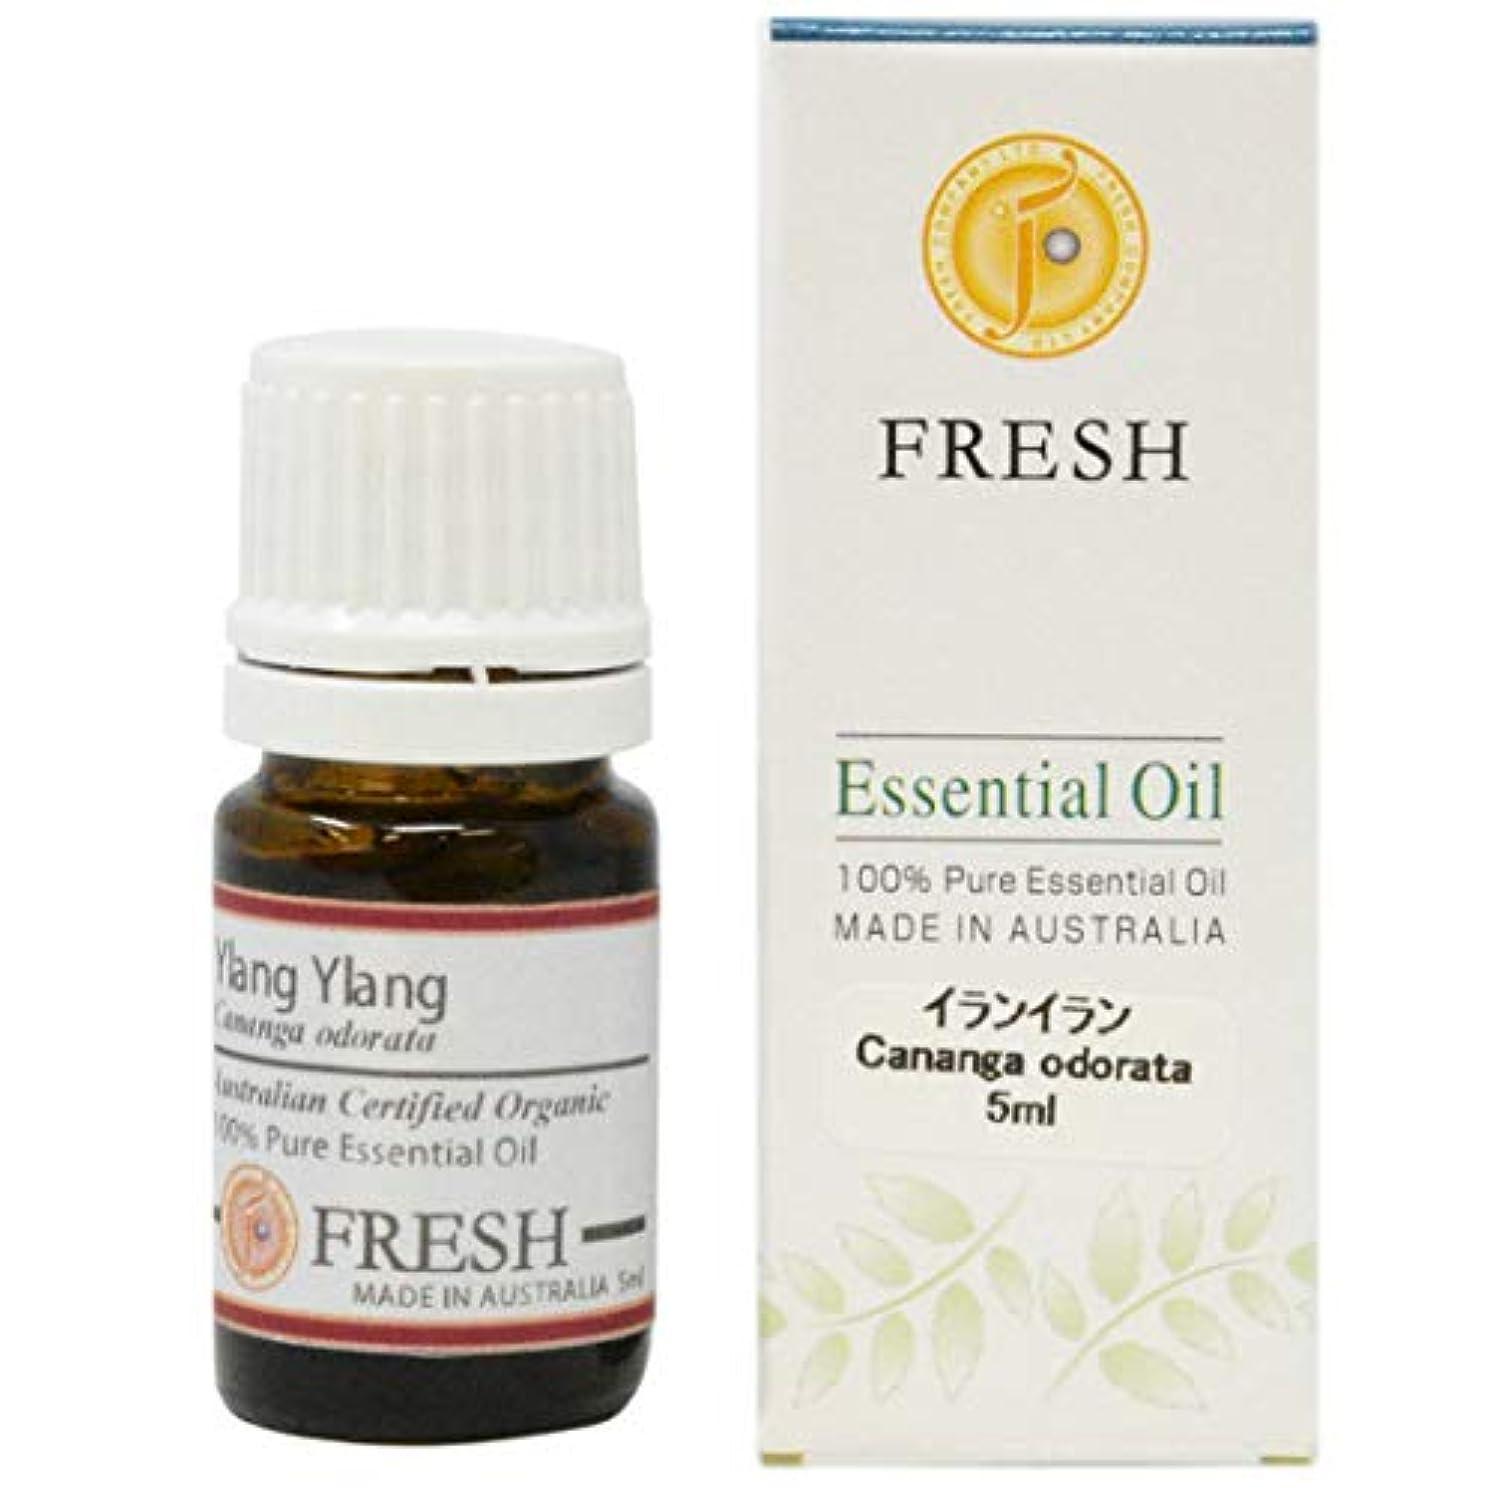 カヌーニッケル本当のことを言うとFRESH オーガニック エッセンシャルオイル イランイラン 5ml (FRESH 精油)